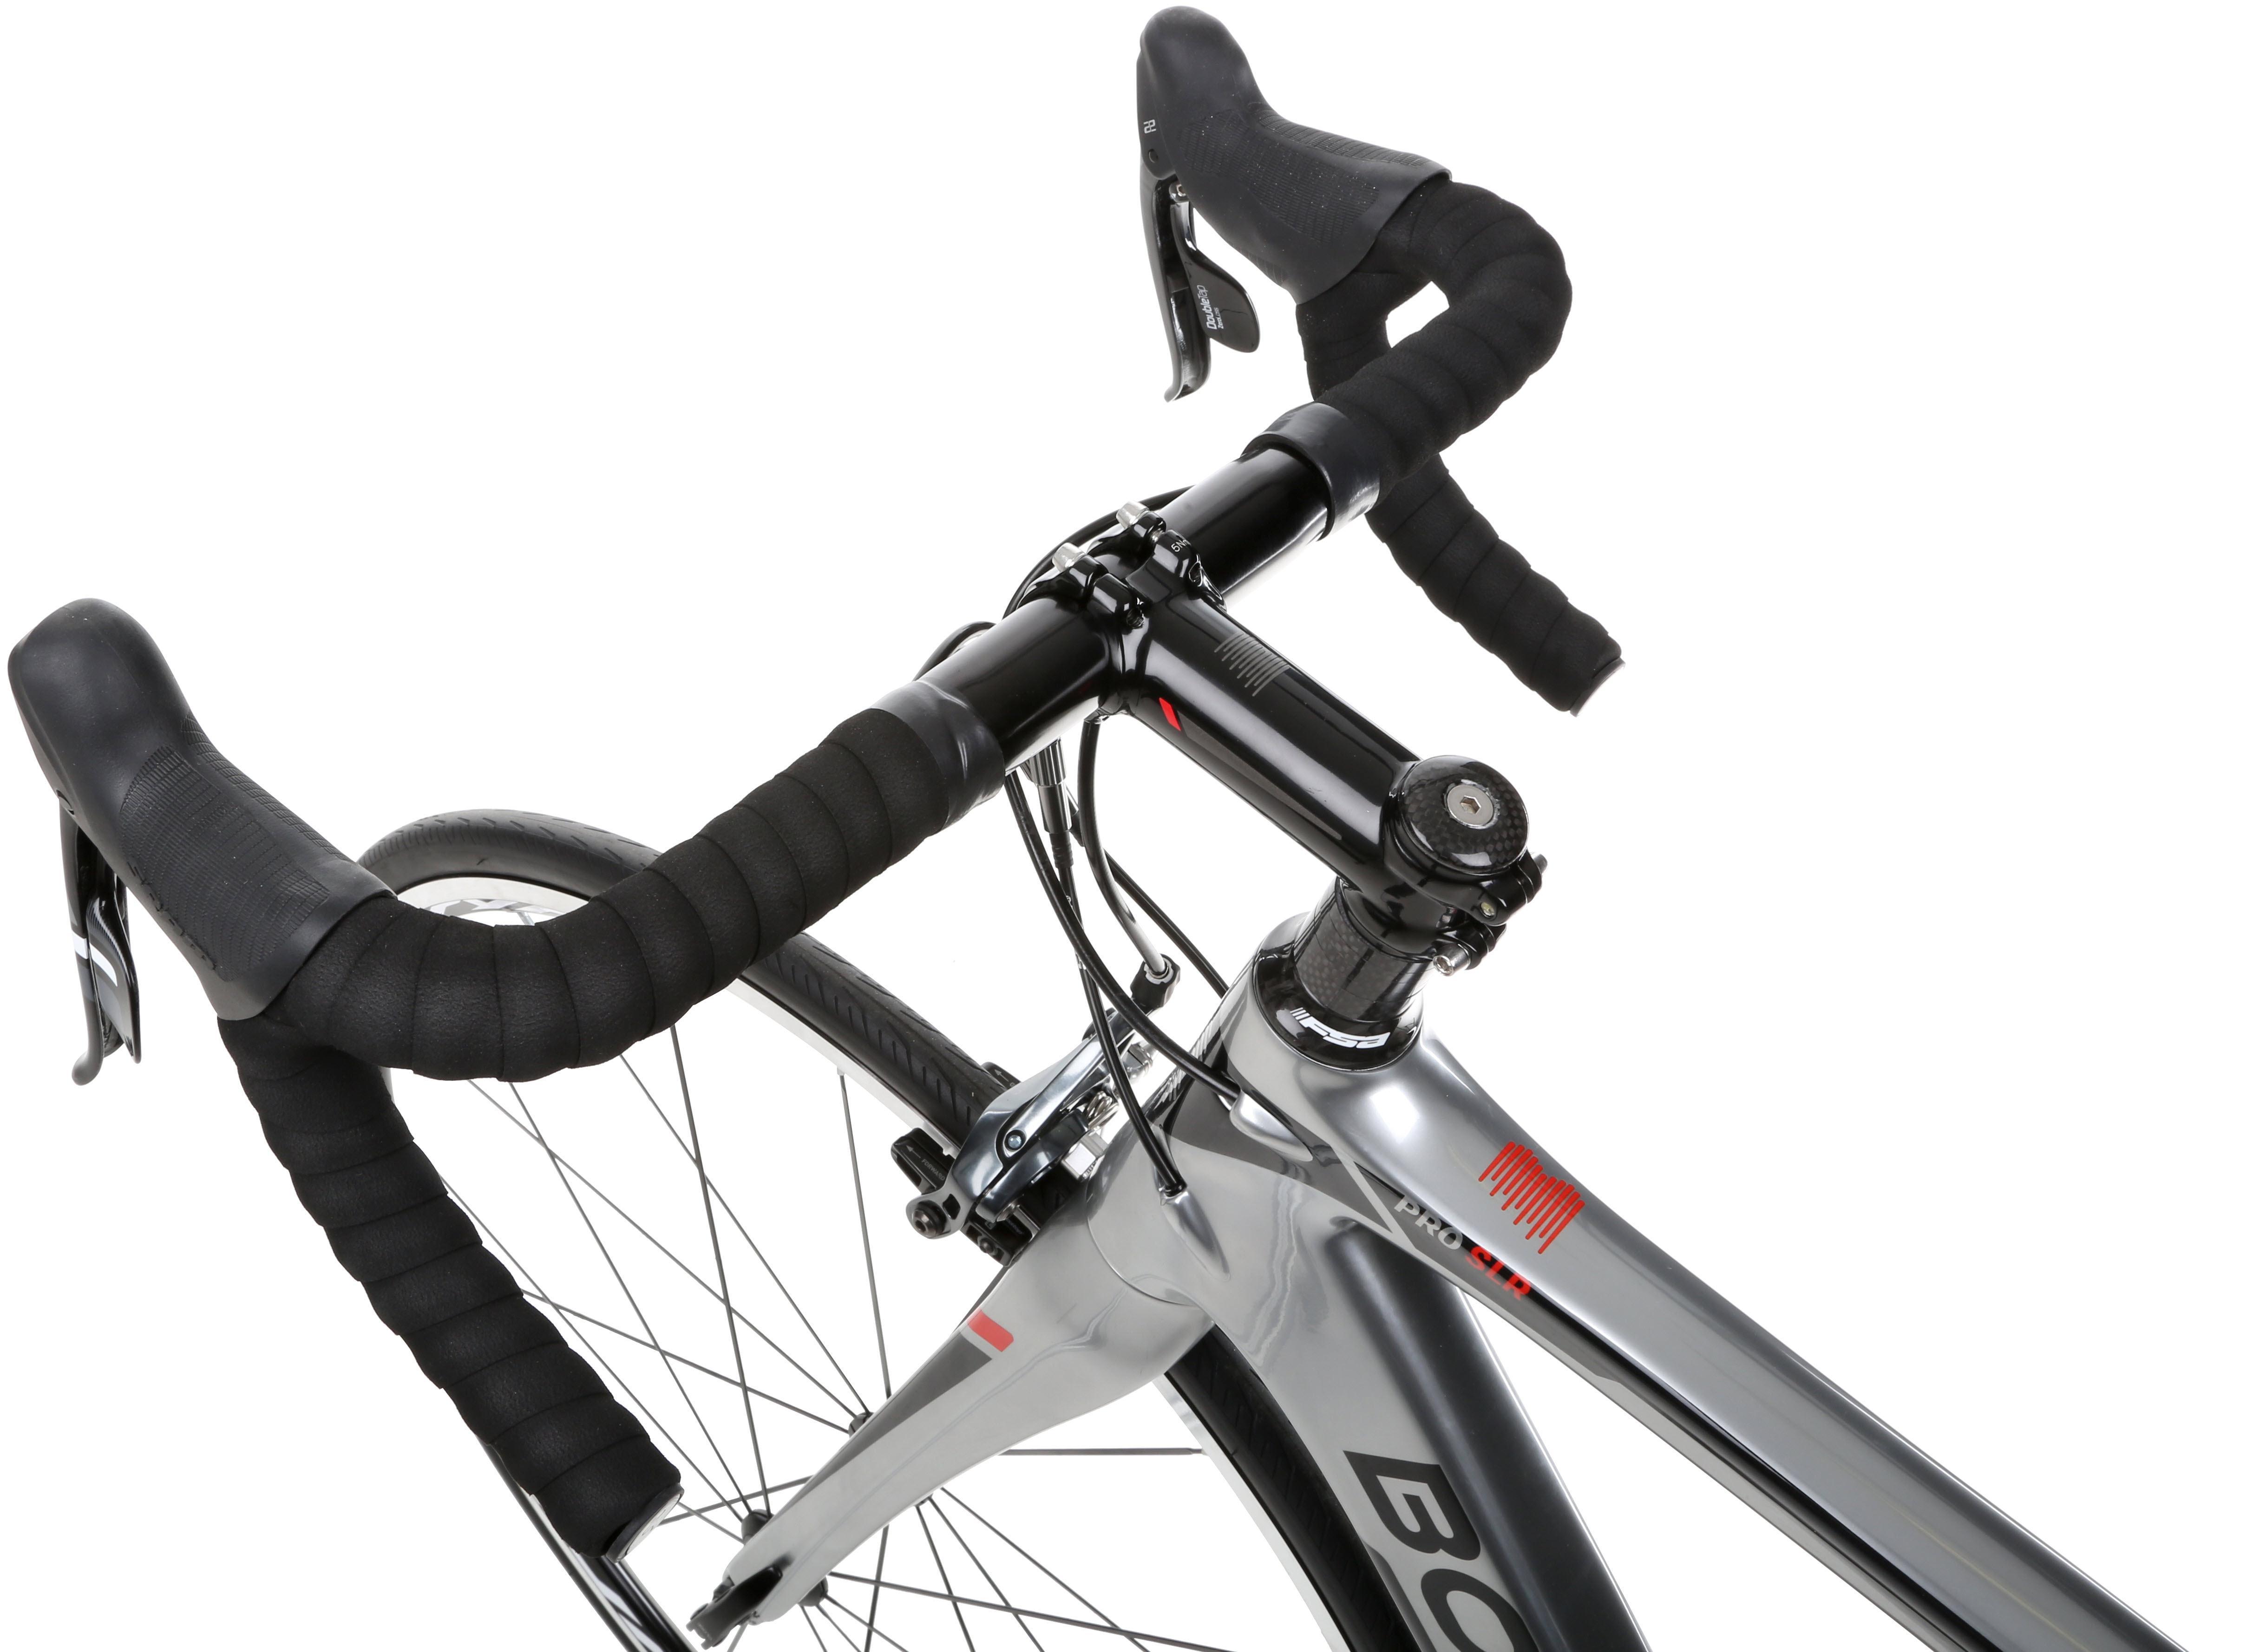 Boardman Road Pro Carbon Slr Bike Bicycle Silver 22 Speed Caliper